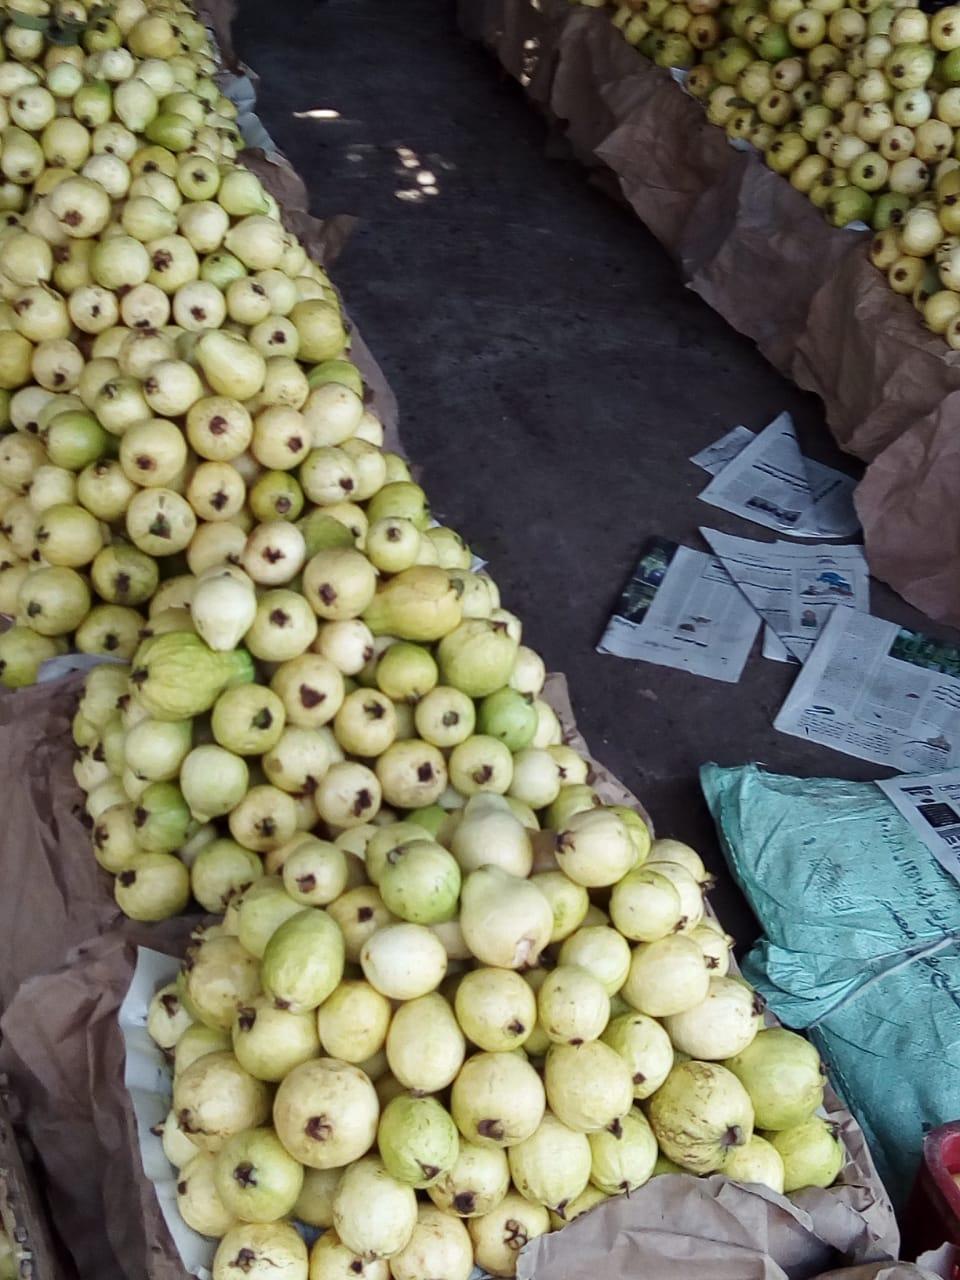 جنى محصول الجوافة (17)